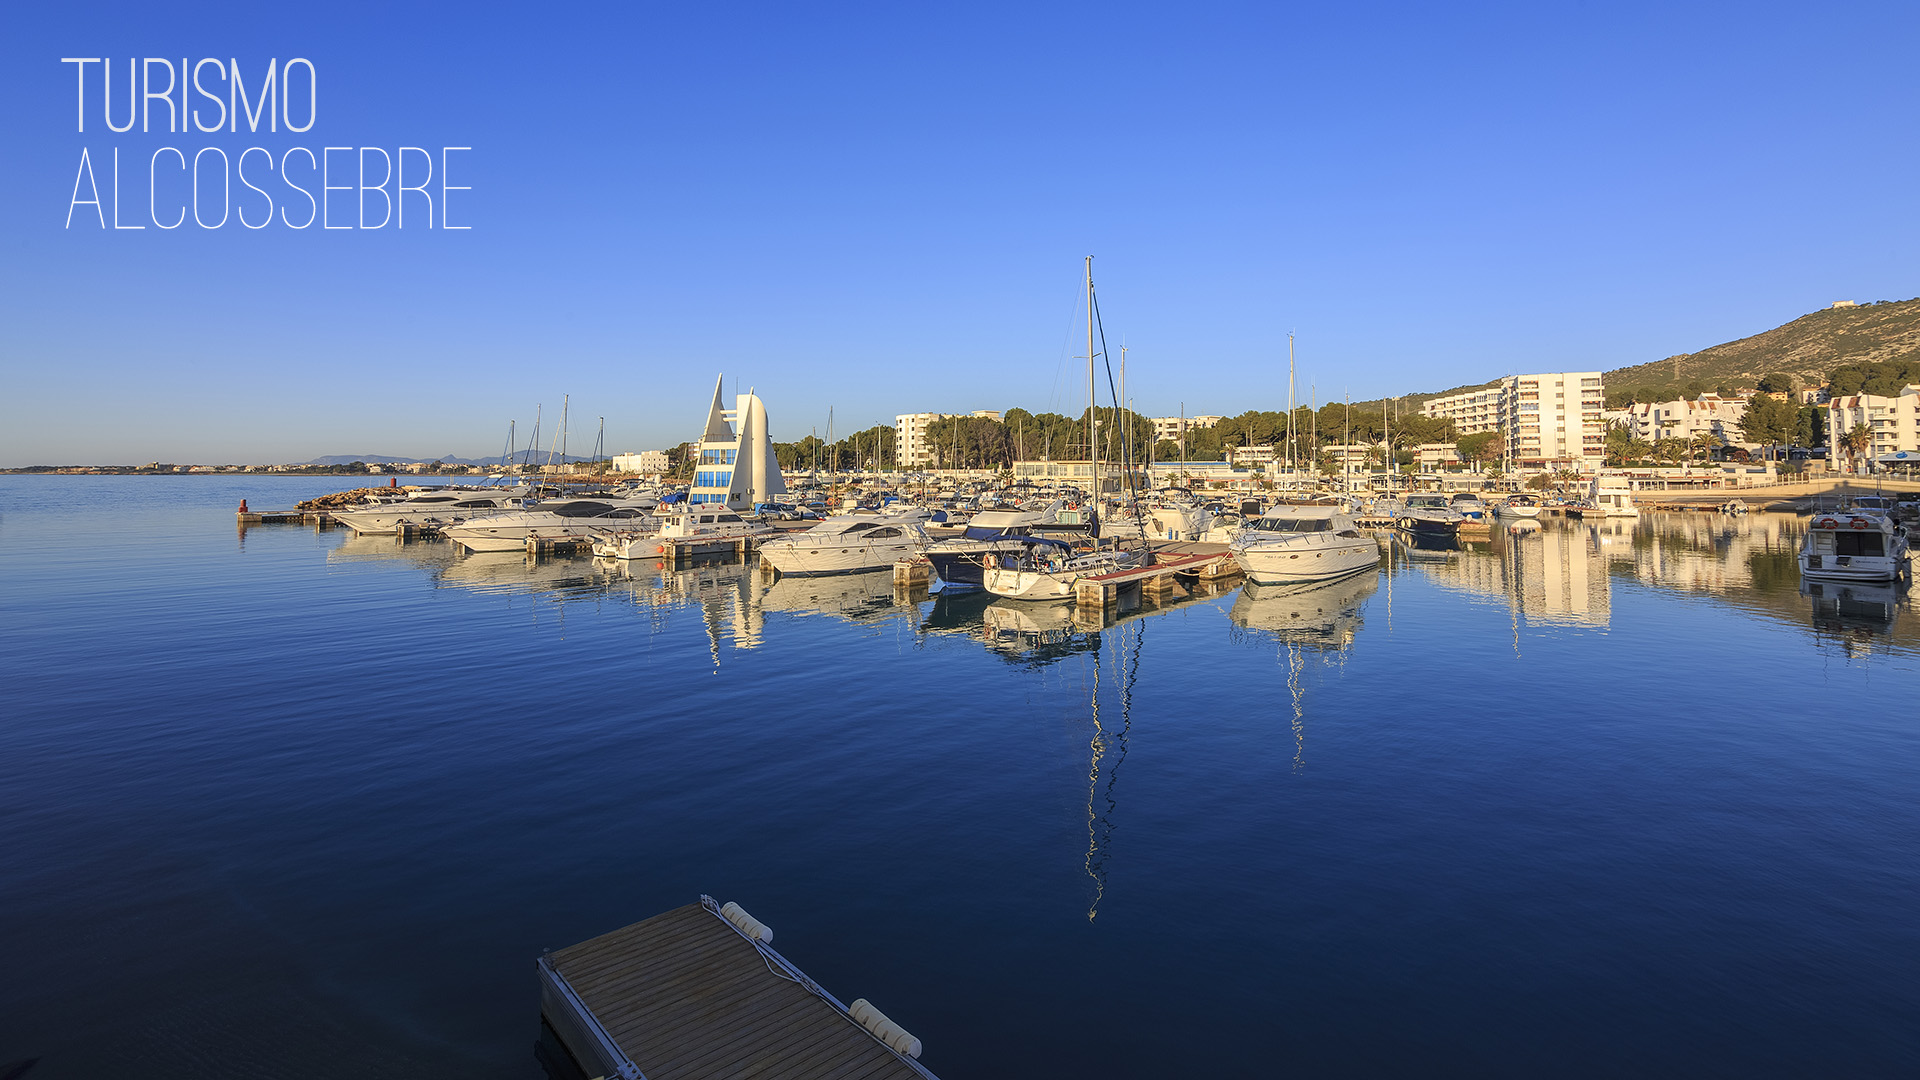 alcossebre-las-fuentes-puerto-deportivo-turismo